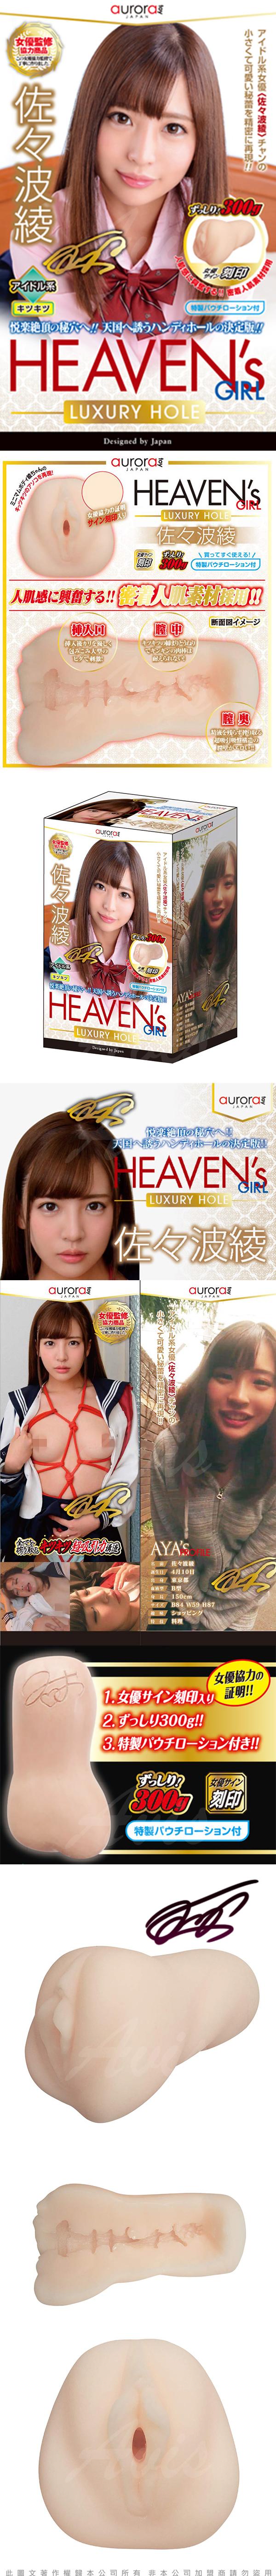 日本Auroratoy HEAVENs GIRL-LUXURY HOLE-佐佐波綾 女優自慰器